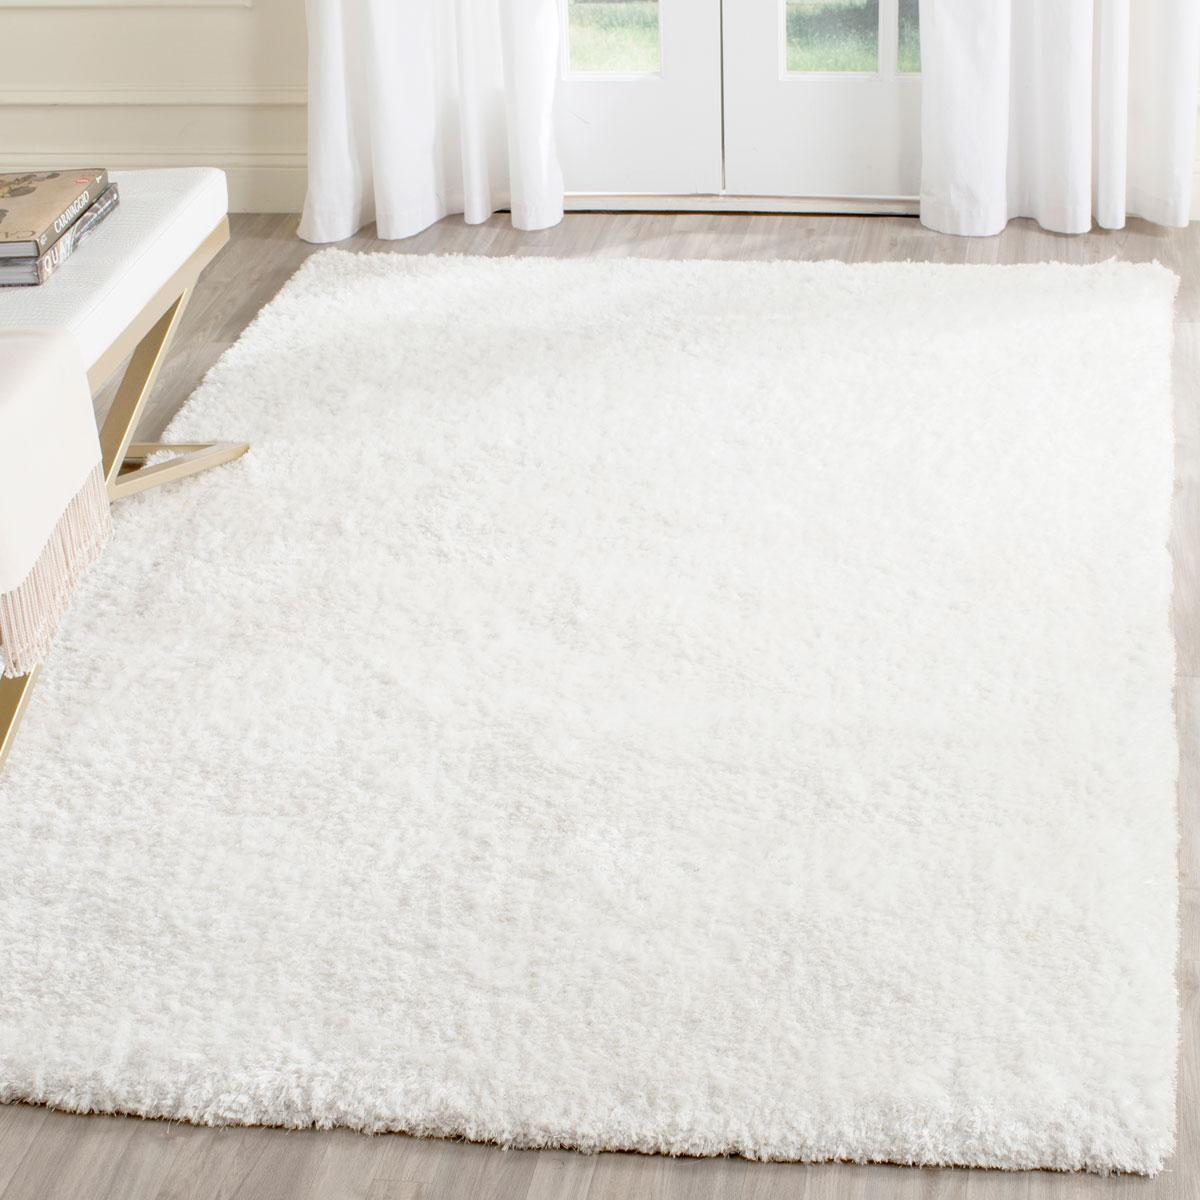 white shag carpet texture. 5\u0027 X 8\u0027 White Shag Carpet Texture